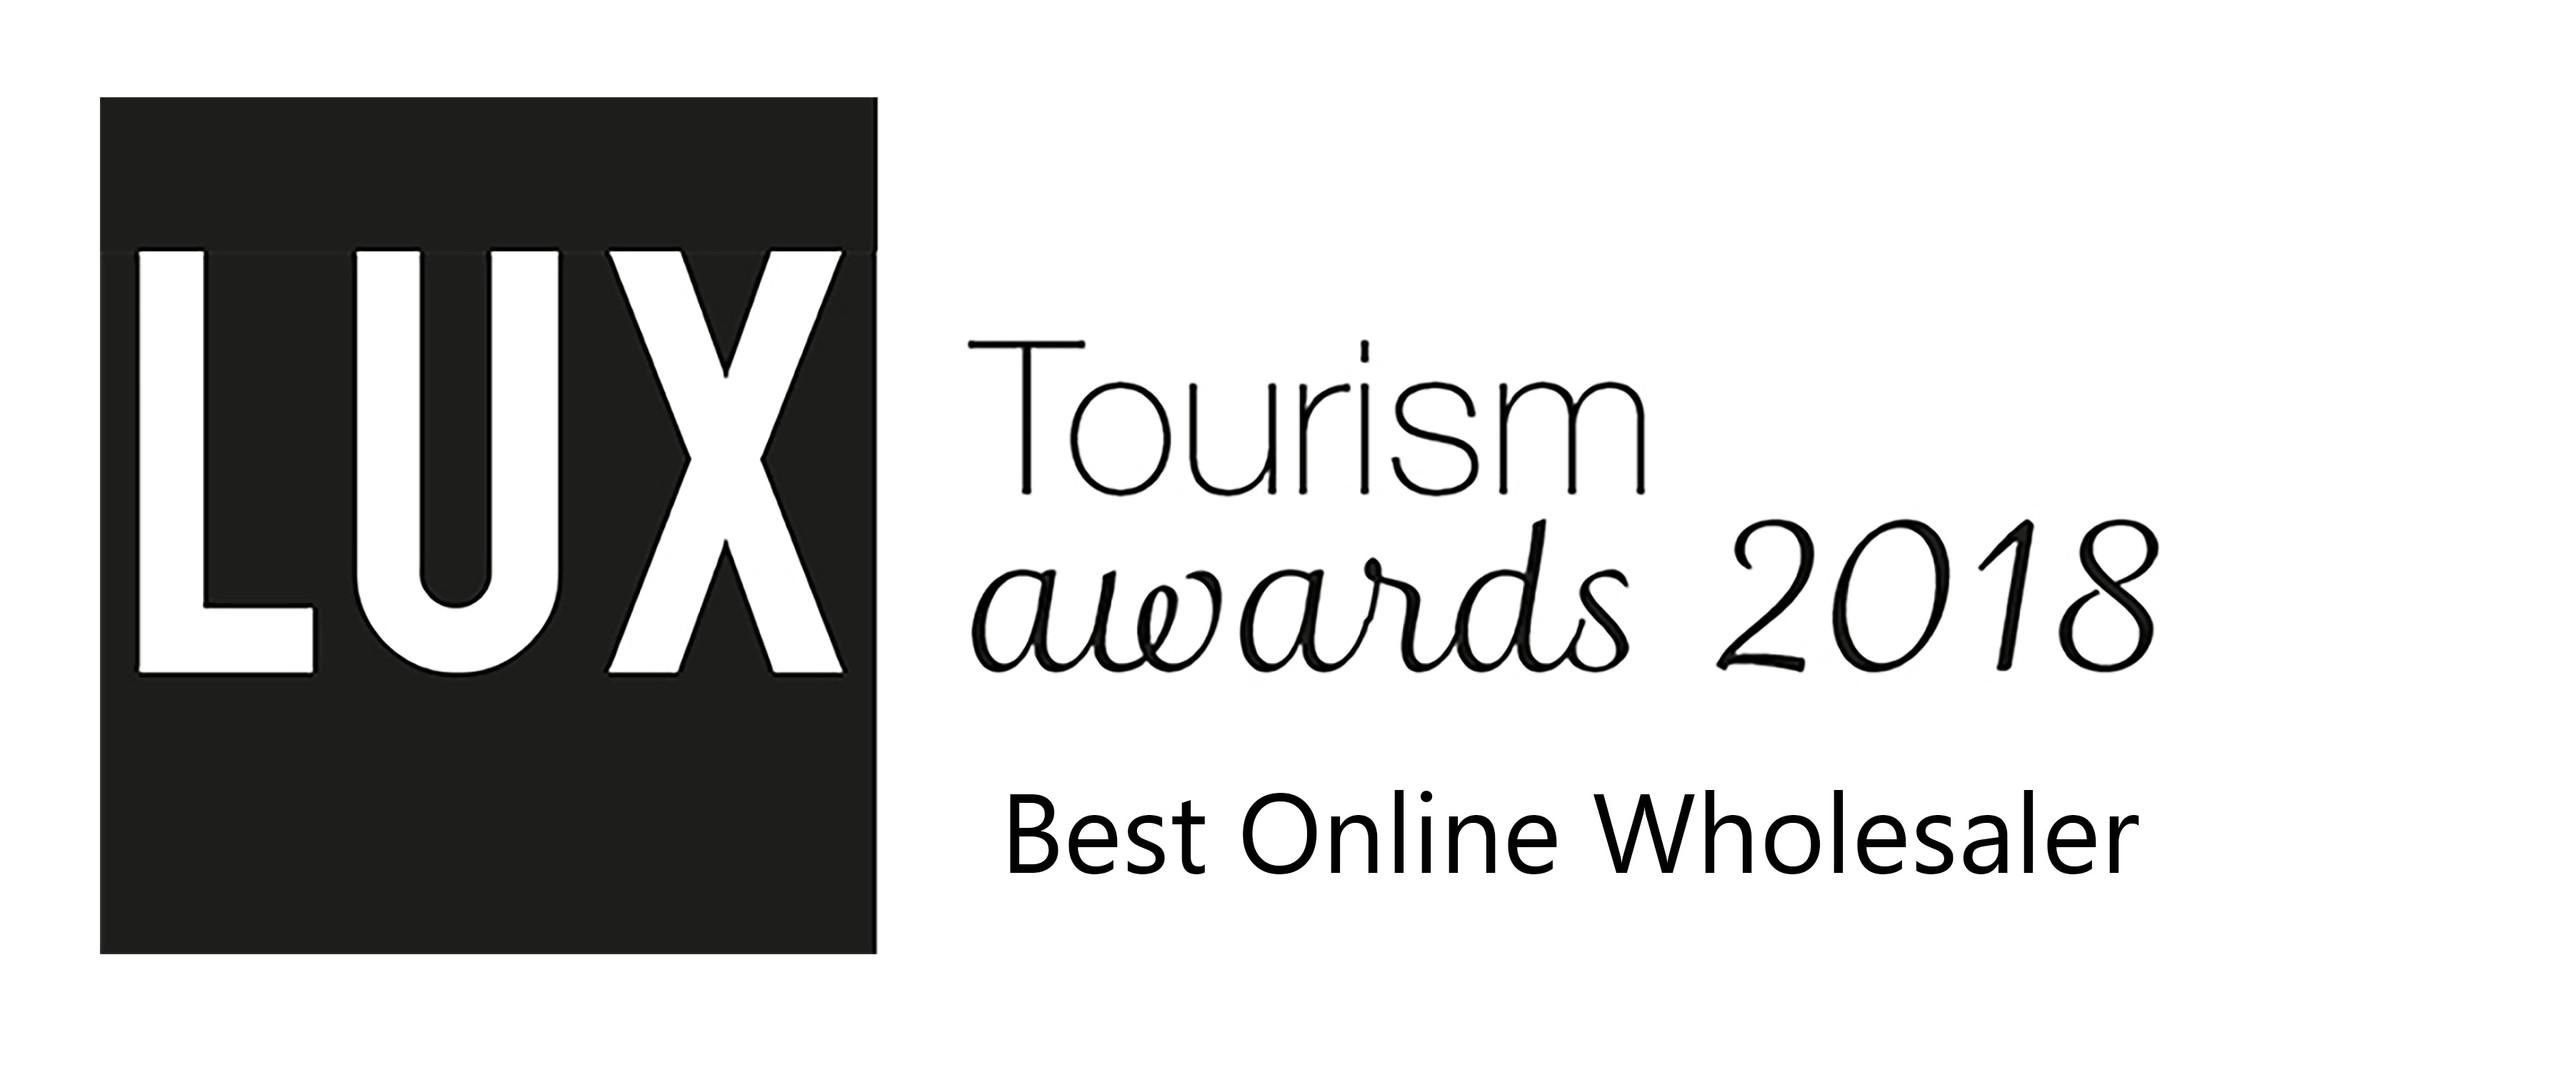 2018 LUX Tourism Logo_BestOnlineWholesal